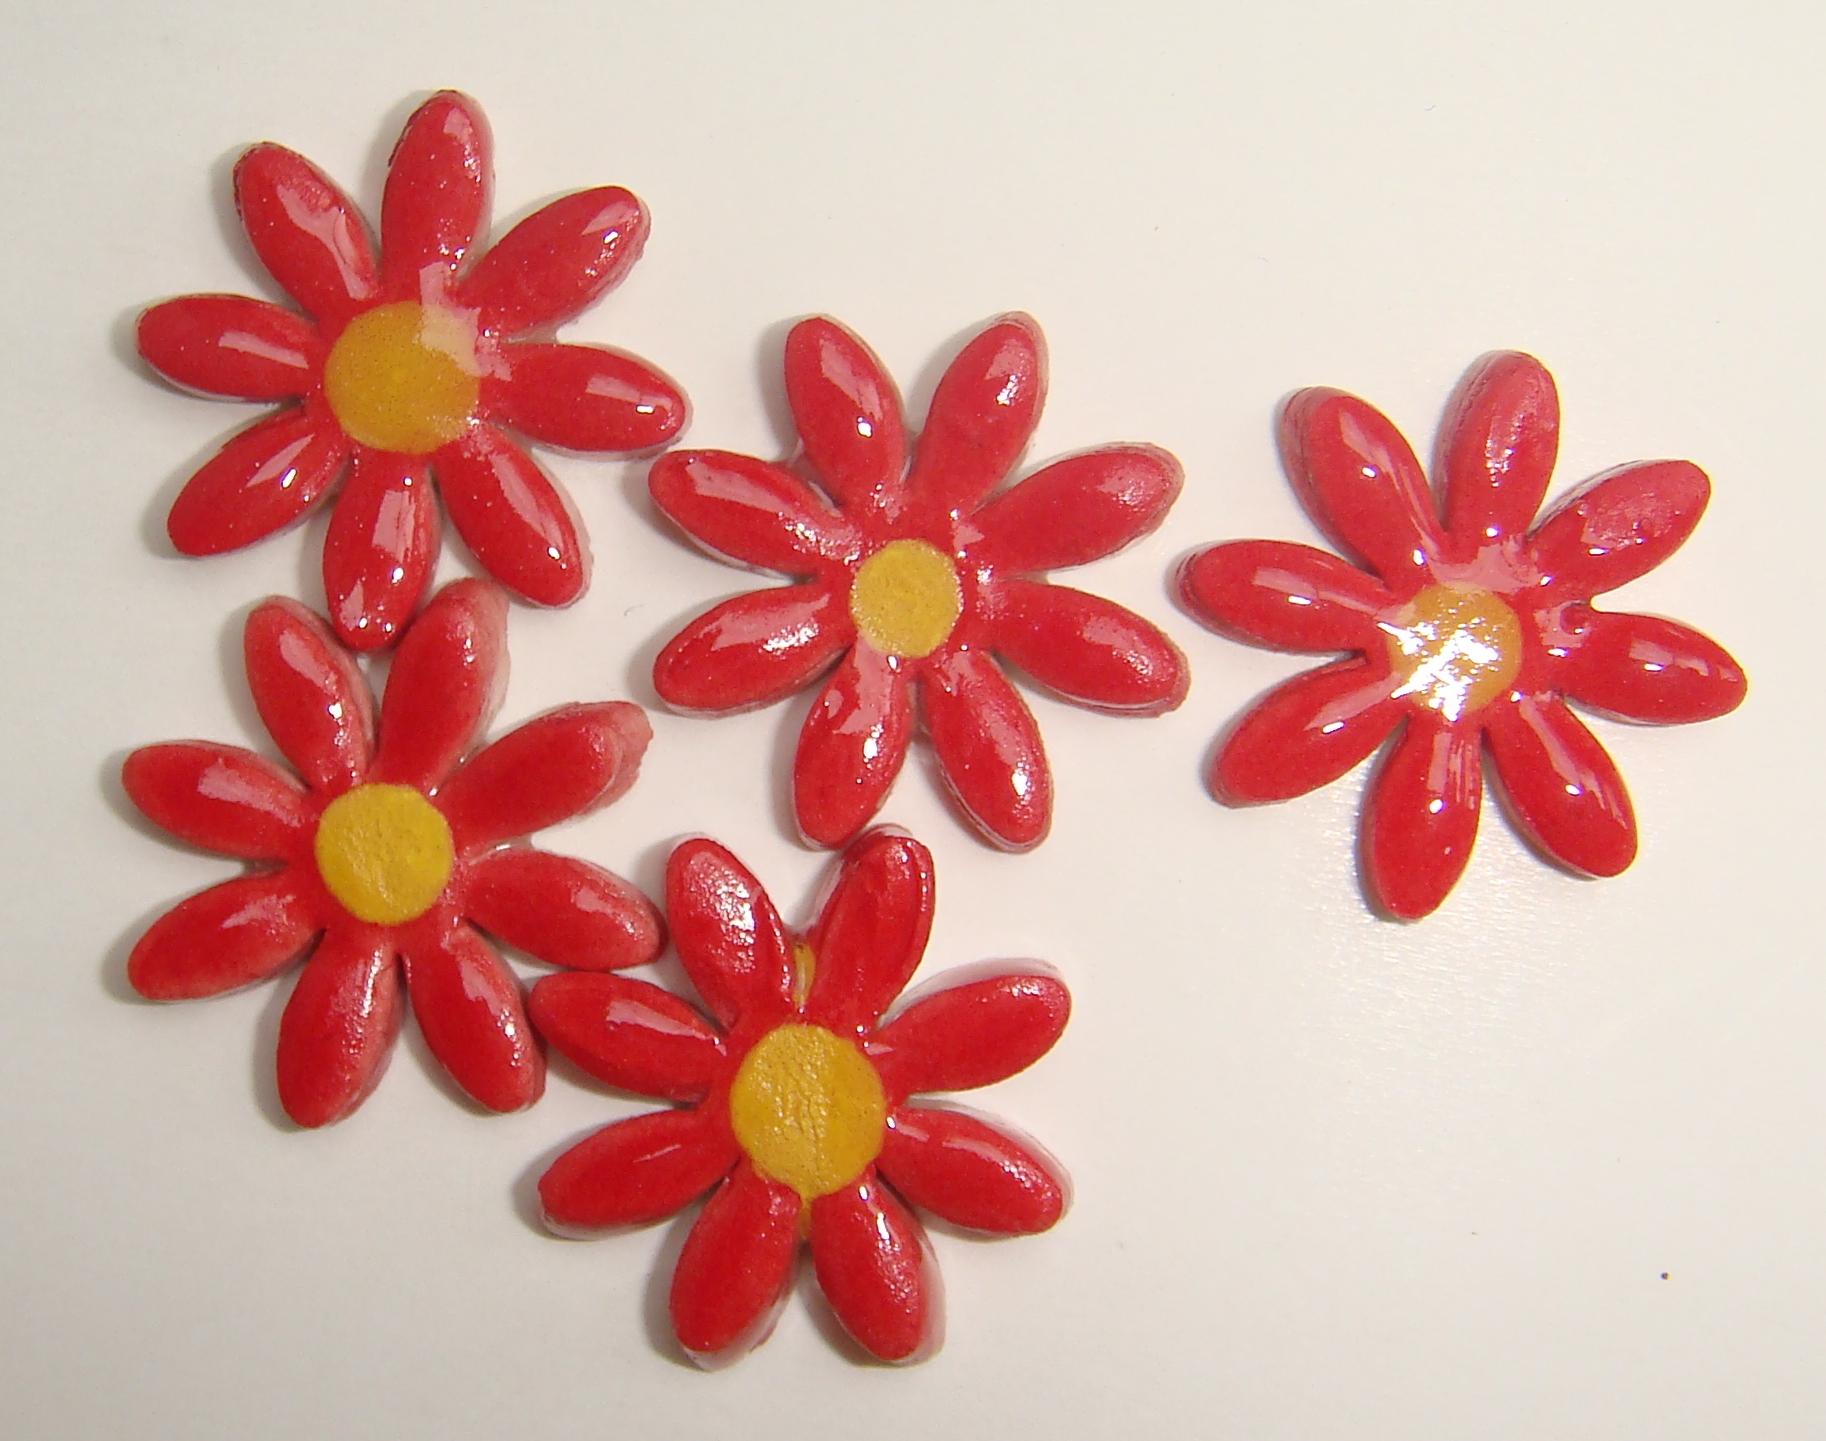 FLO-004 Daisy Small Red